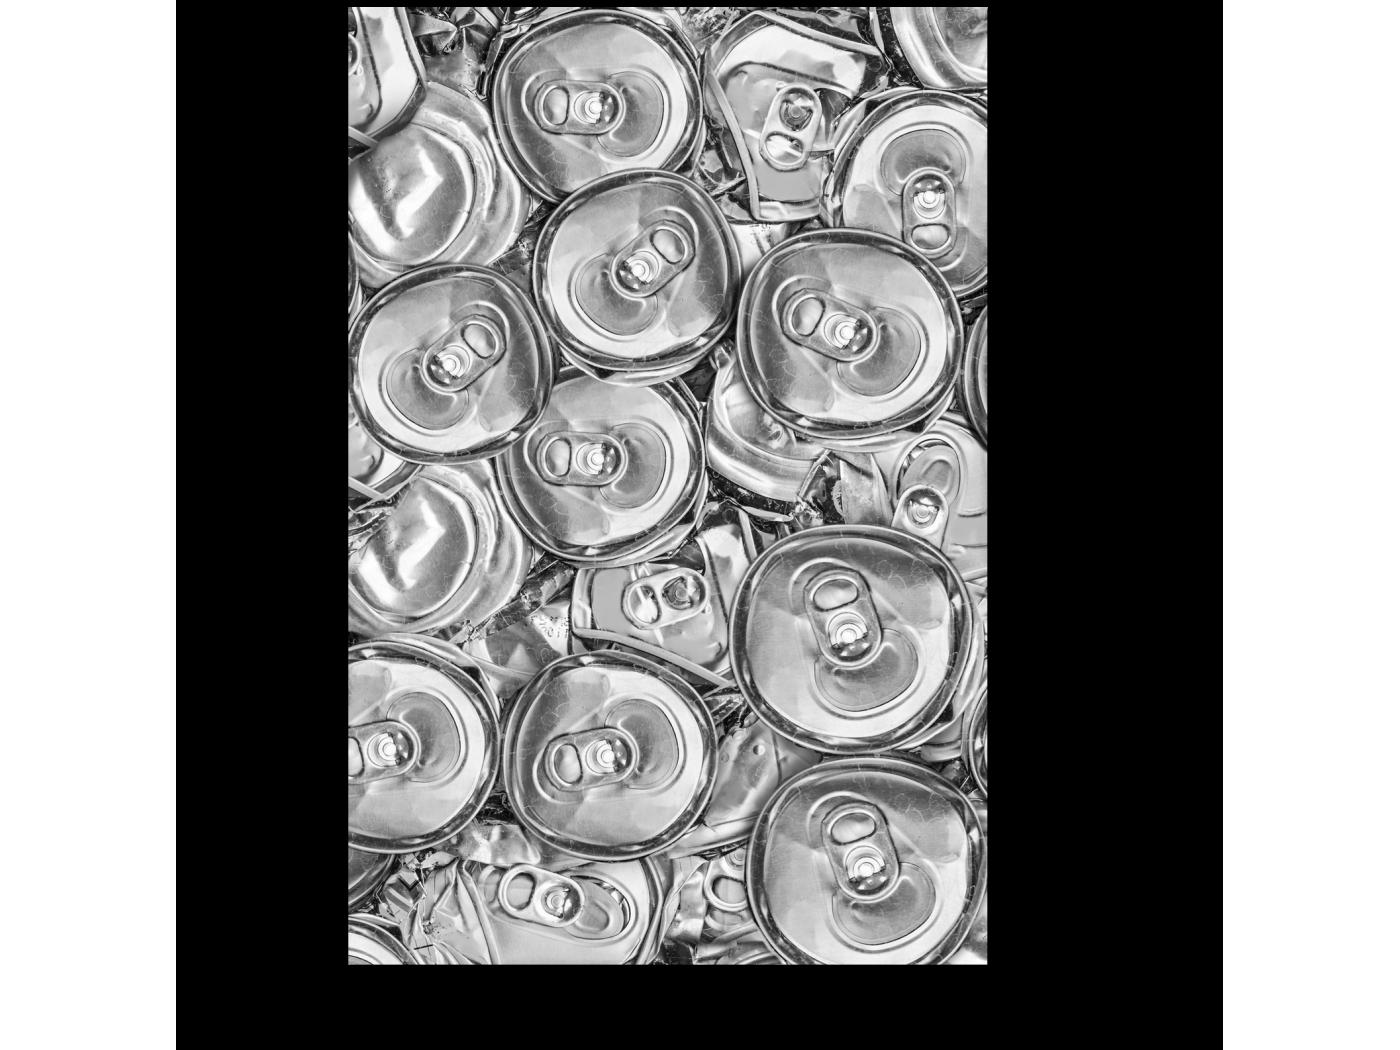 Модульная картина Алюминиевый узор (20x30) фото